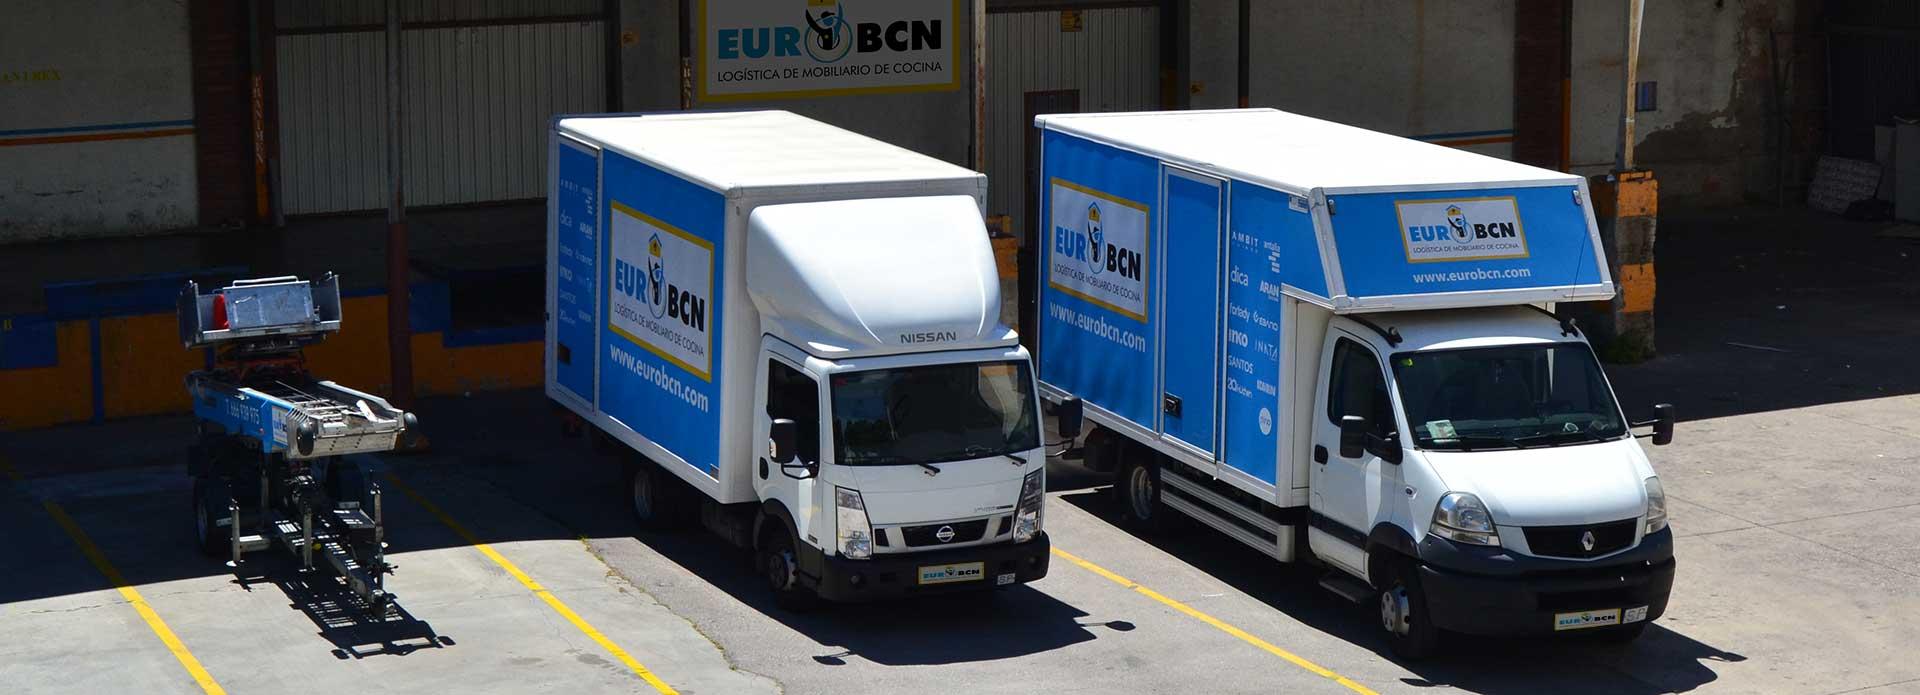 eurobcn_camiones_slide_inicio_02